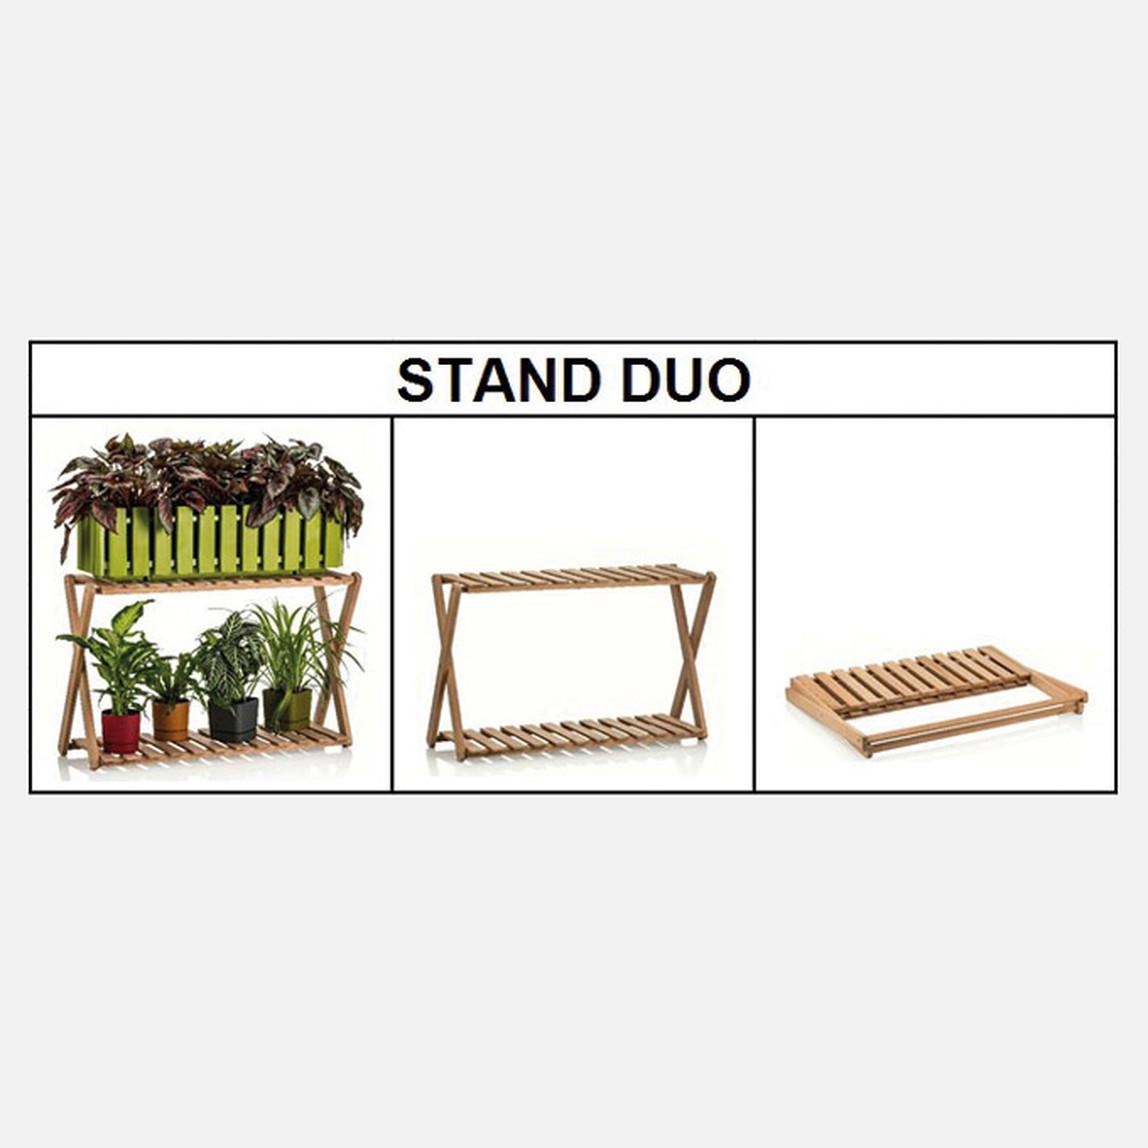 Duo Ahşap Saksı Standı